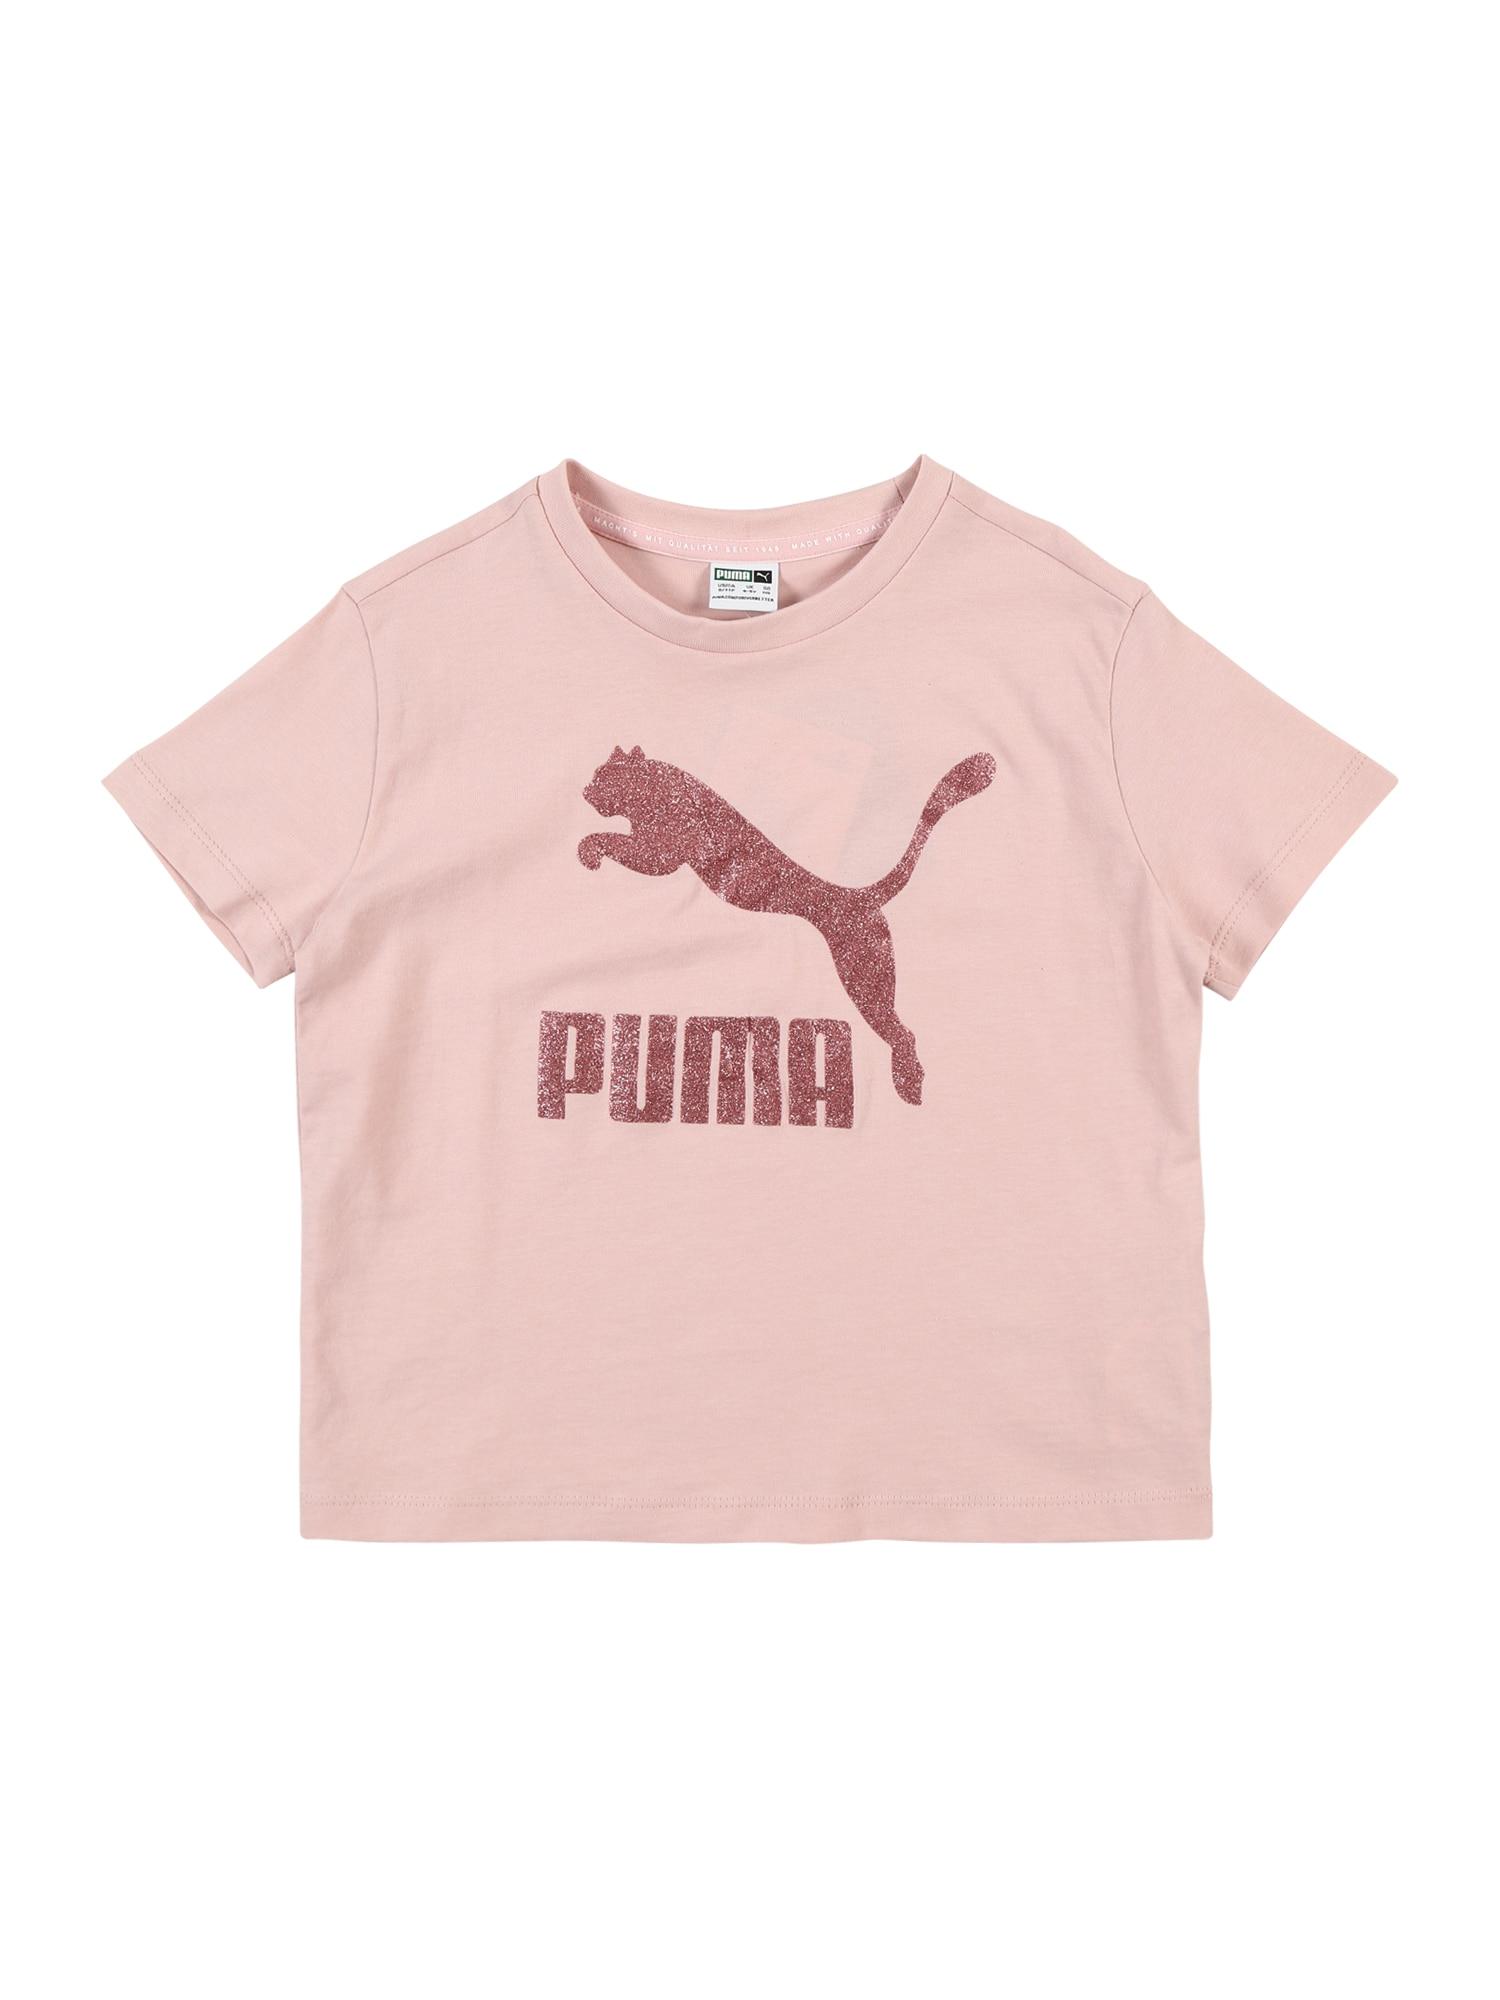 PUMA Tričko  pastelově růžová / růžově zlatá